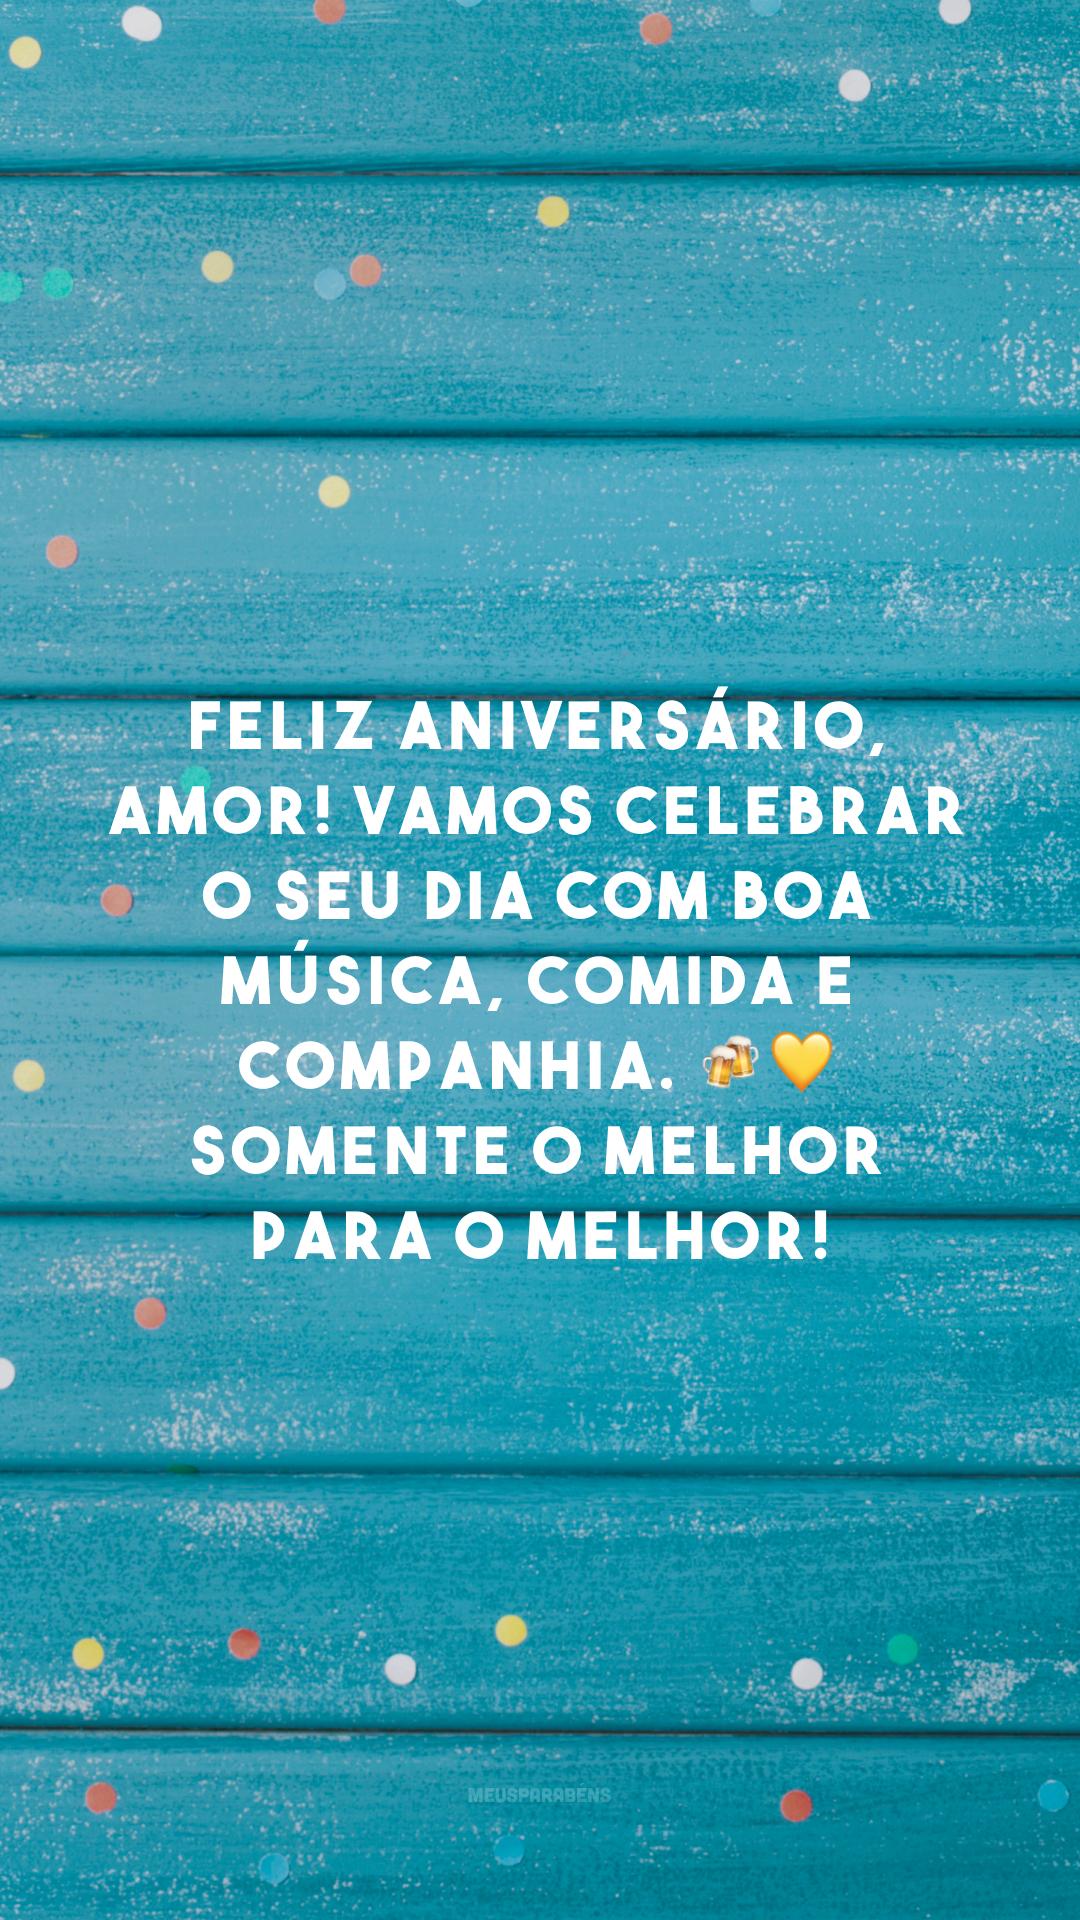 Feliz aniversário, amor! Vamos celebrar o seu dia com boa música, comida e companhia. 🍻💛 Somente o melhor para o melhor!